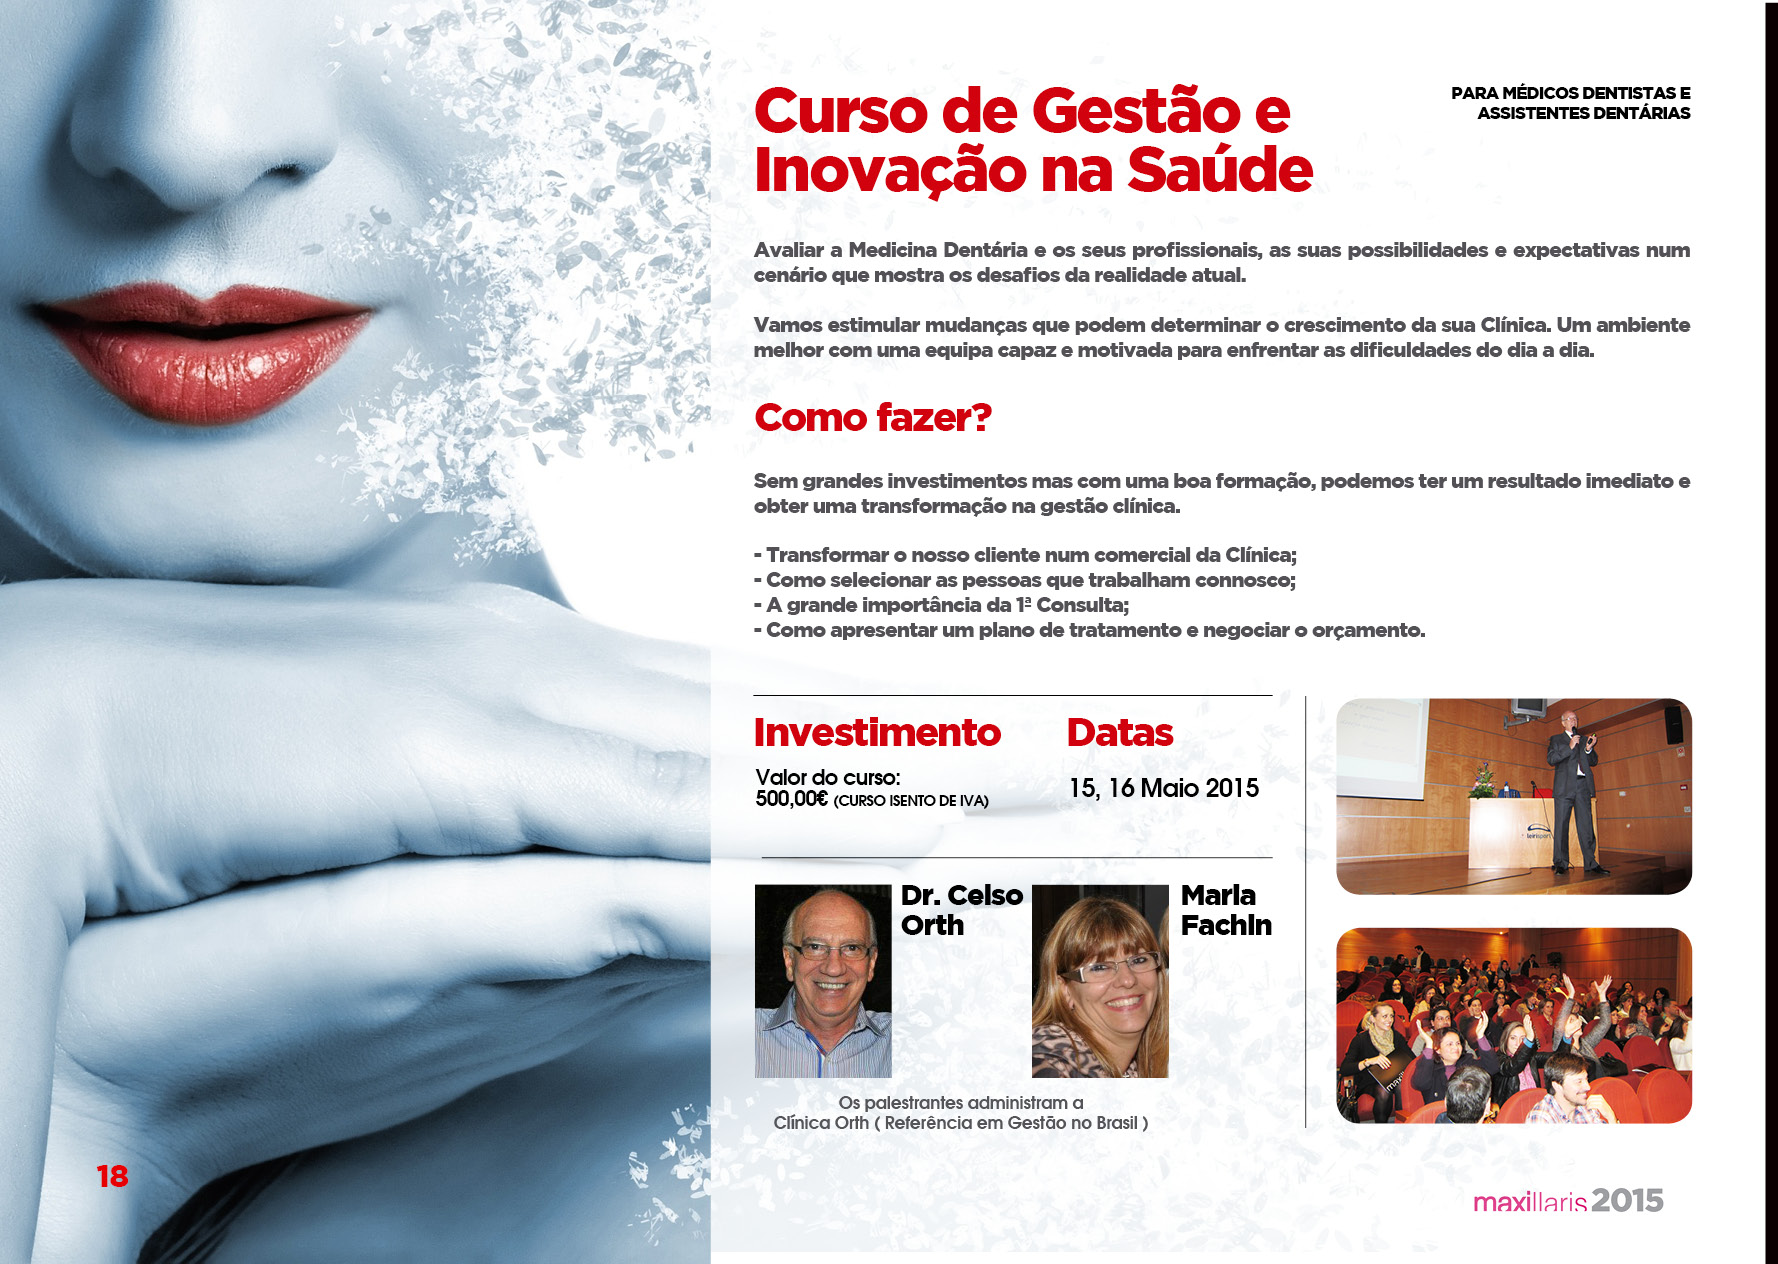 Curso de Gestao e Inovaçao na Saúde - Maxillaris